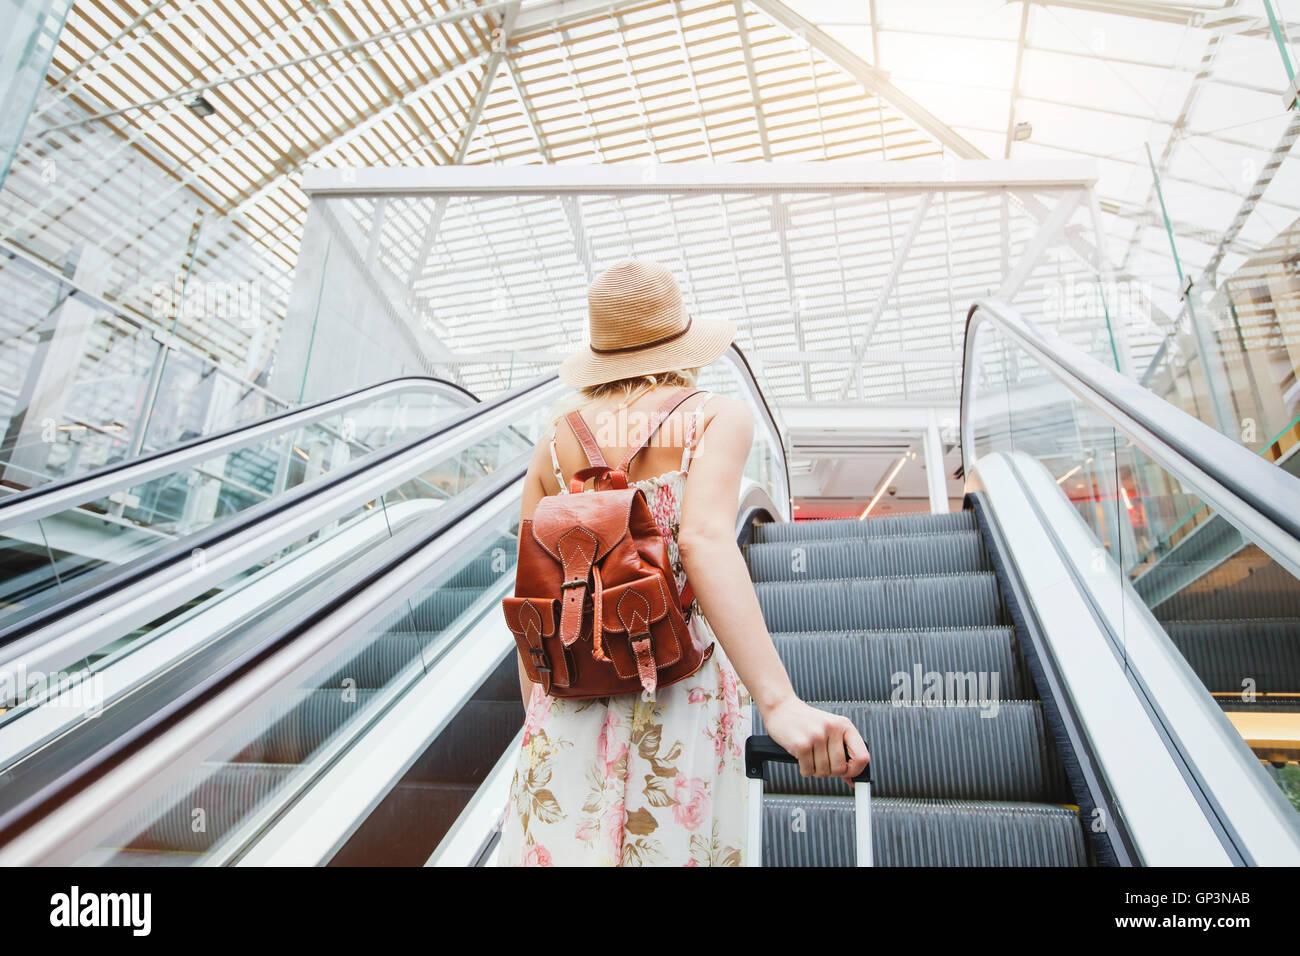 Mujer en el moderno aeropuerto, la gente que viaja con equipaje Imagen De Stock